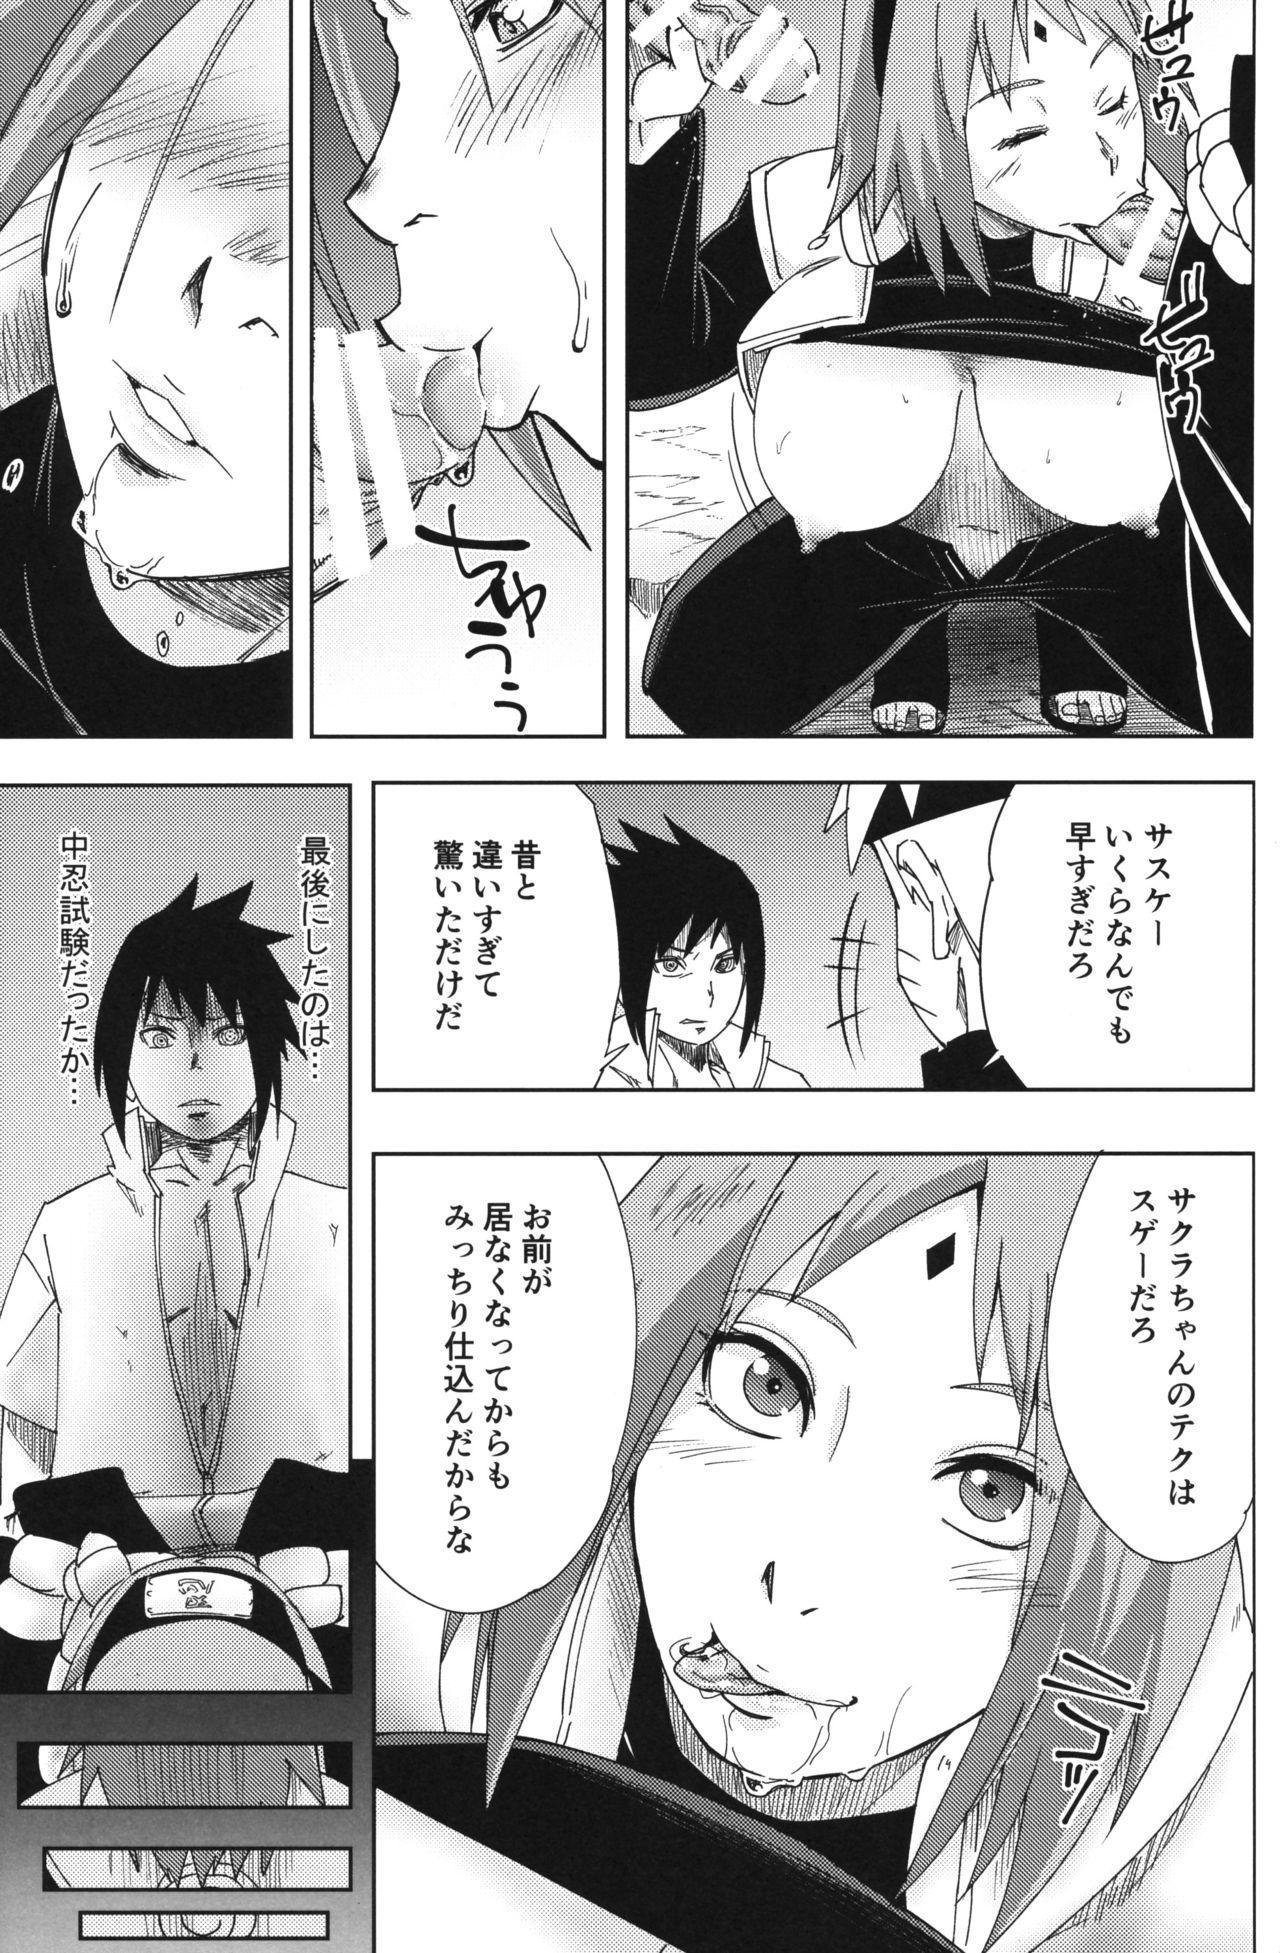 Nanahan no Himatsubushi 15